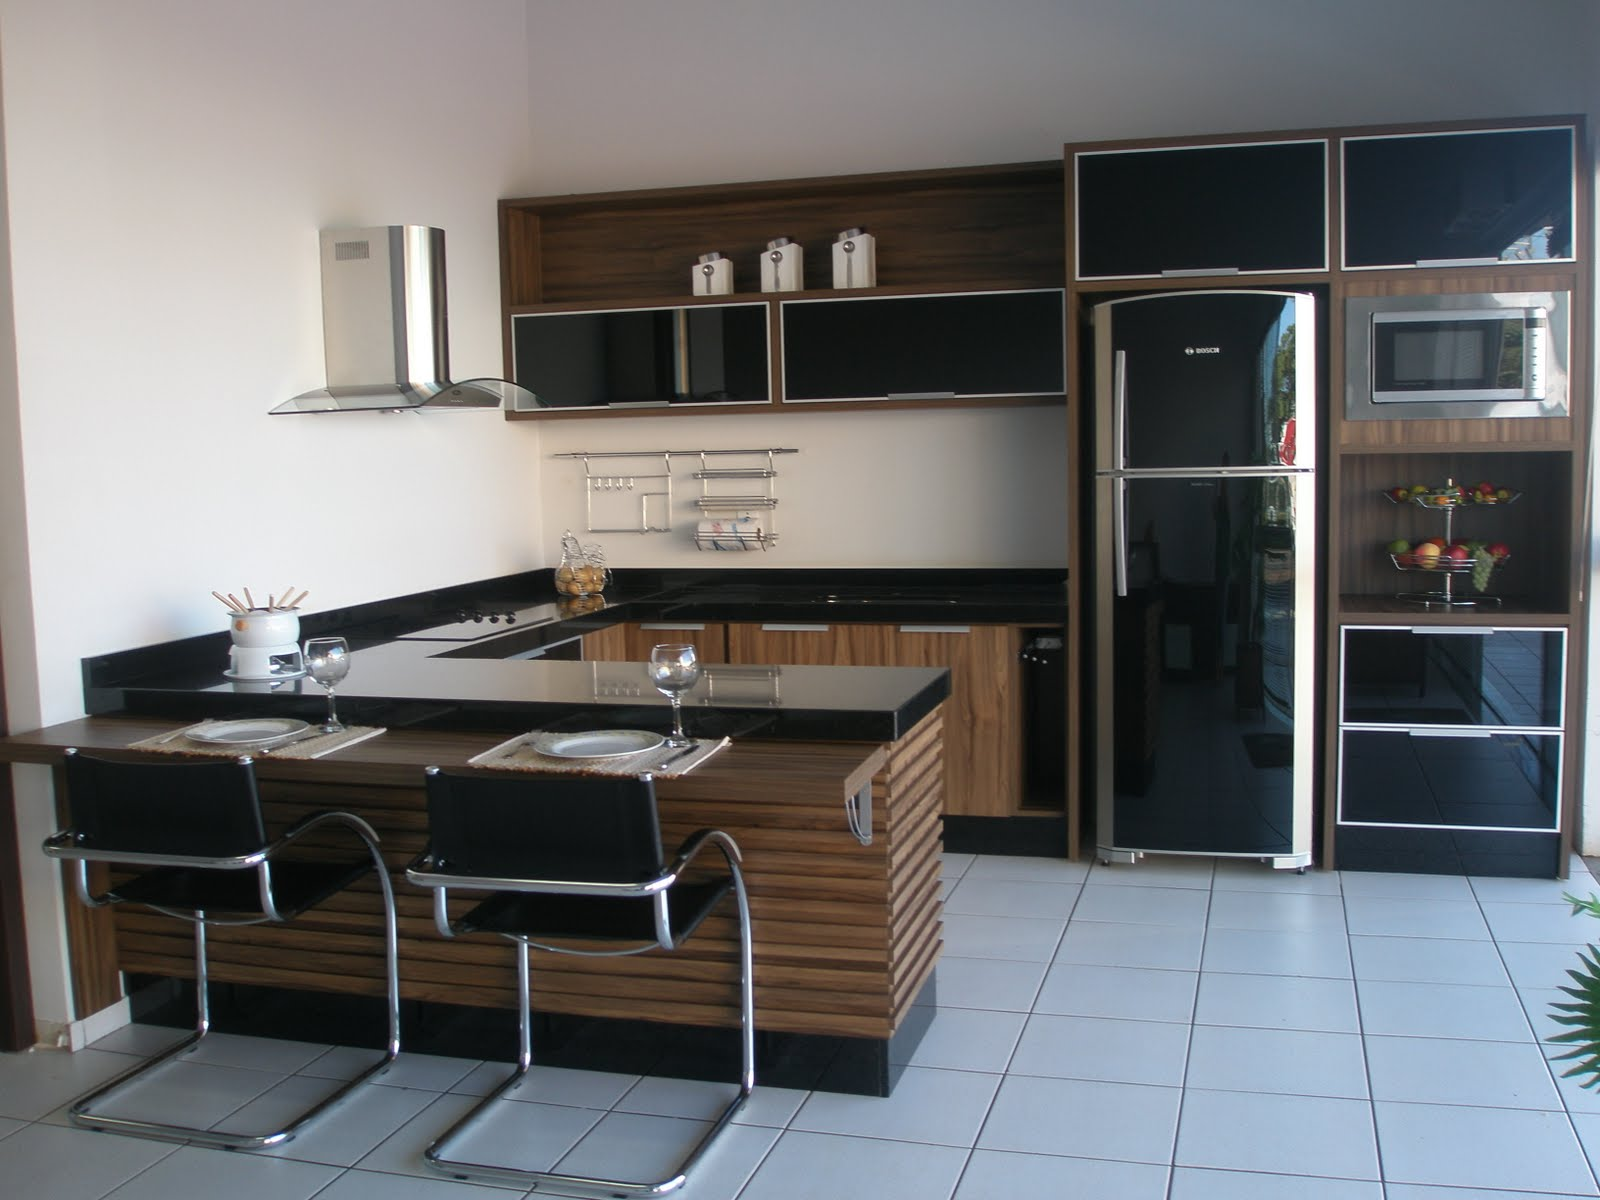 Mirai Planejados: Cozinha planejada #466485 1600x1200 Bancada Banheiro Vermelha